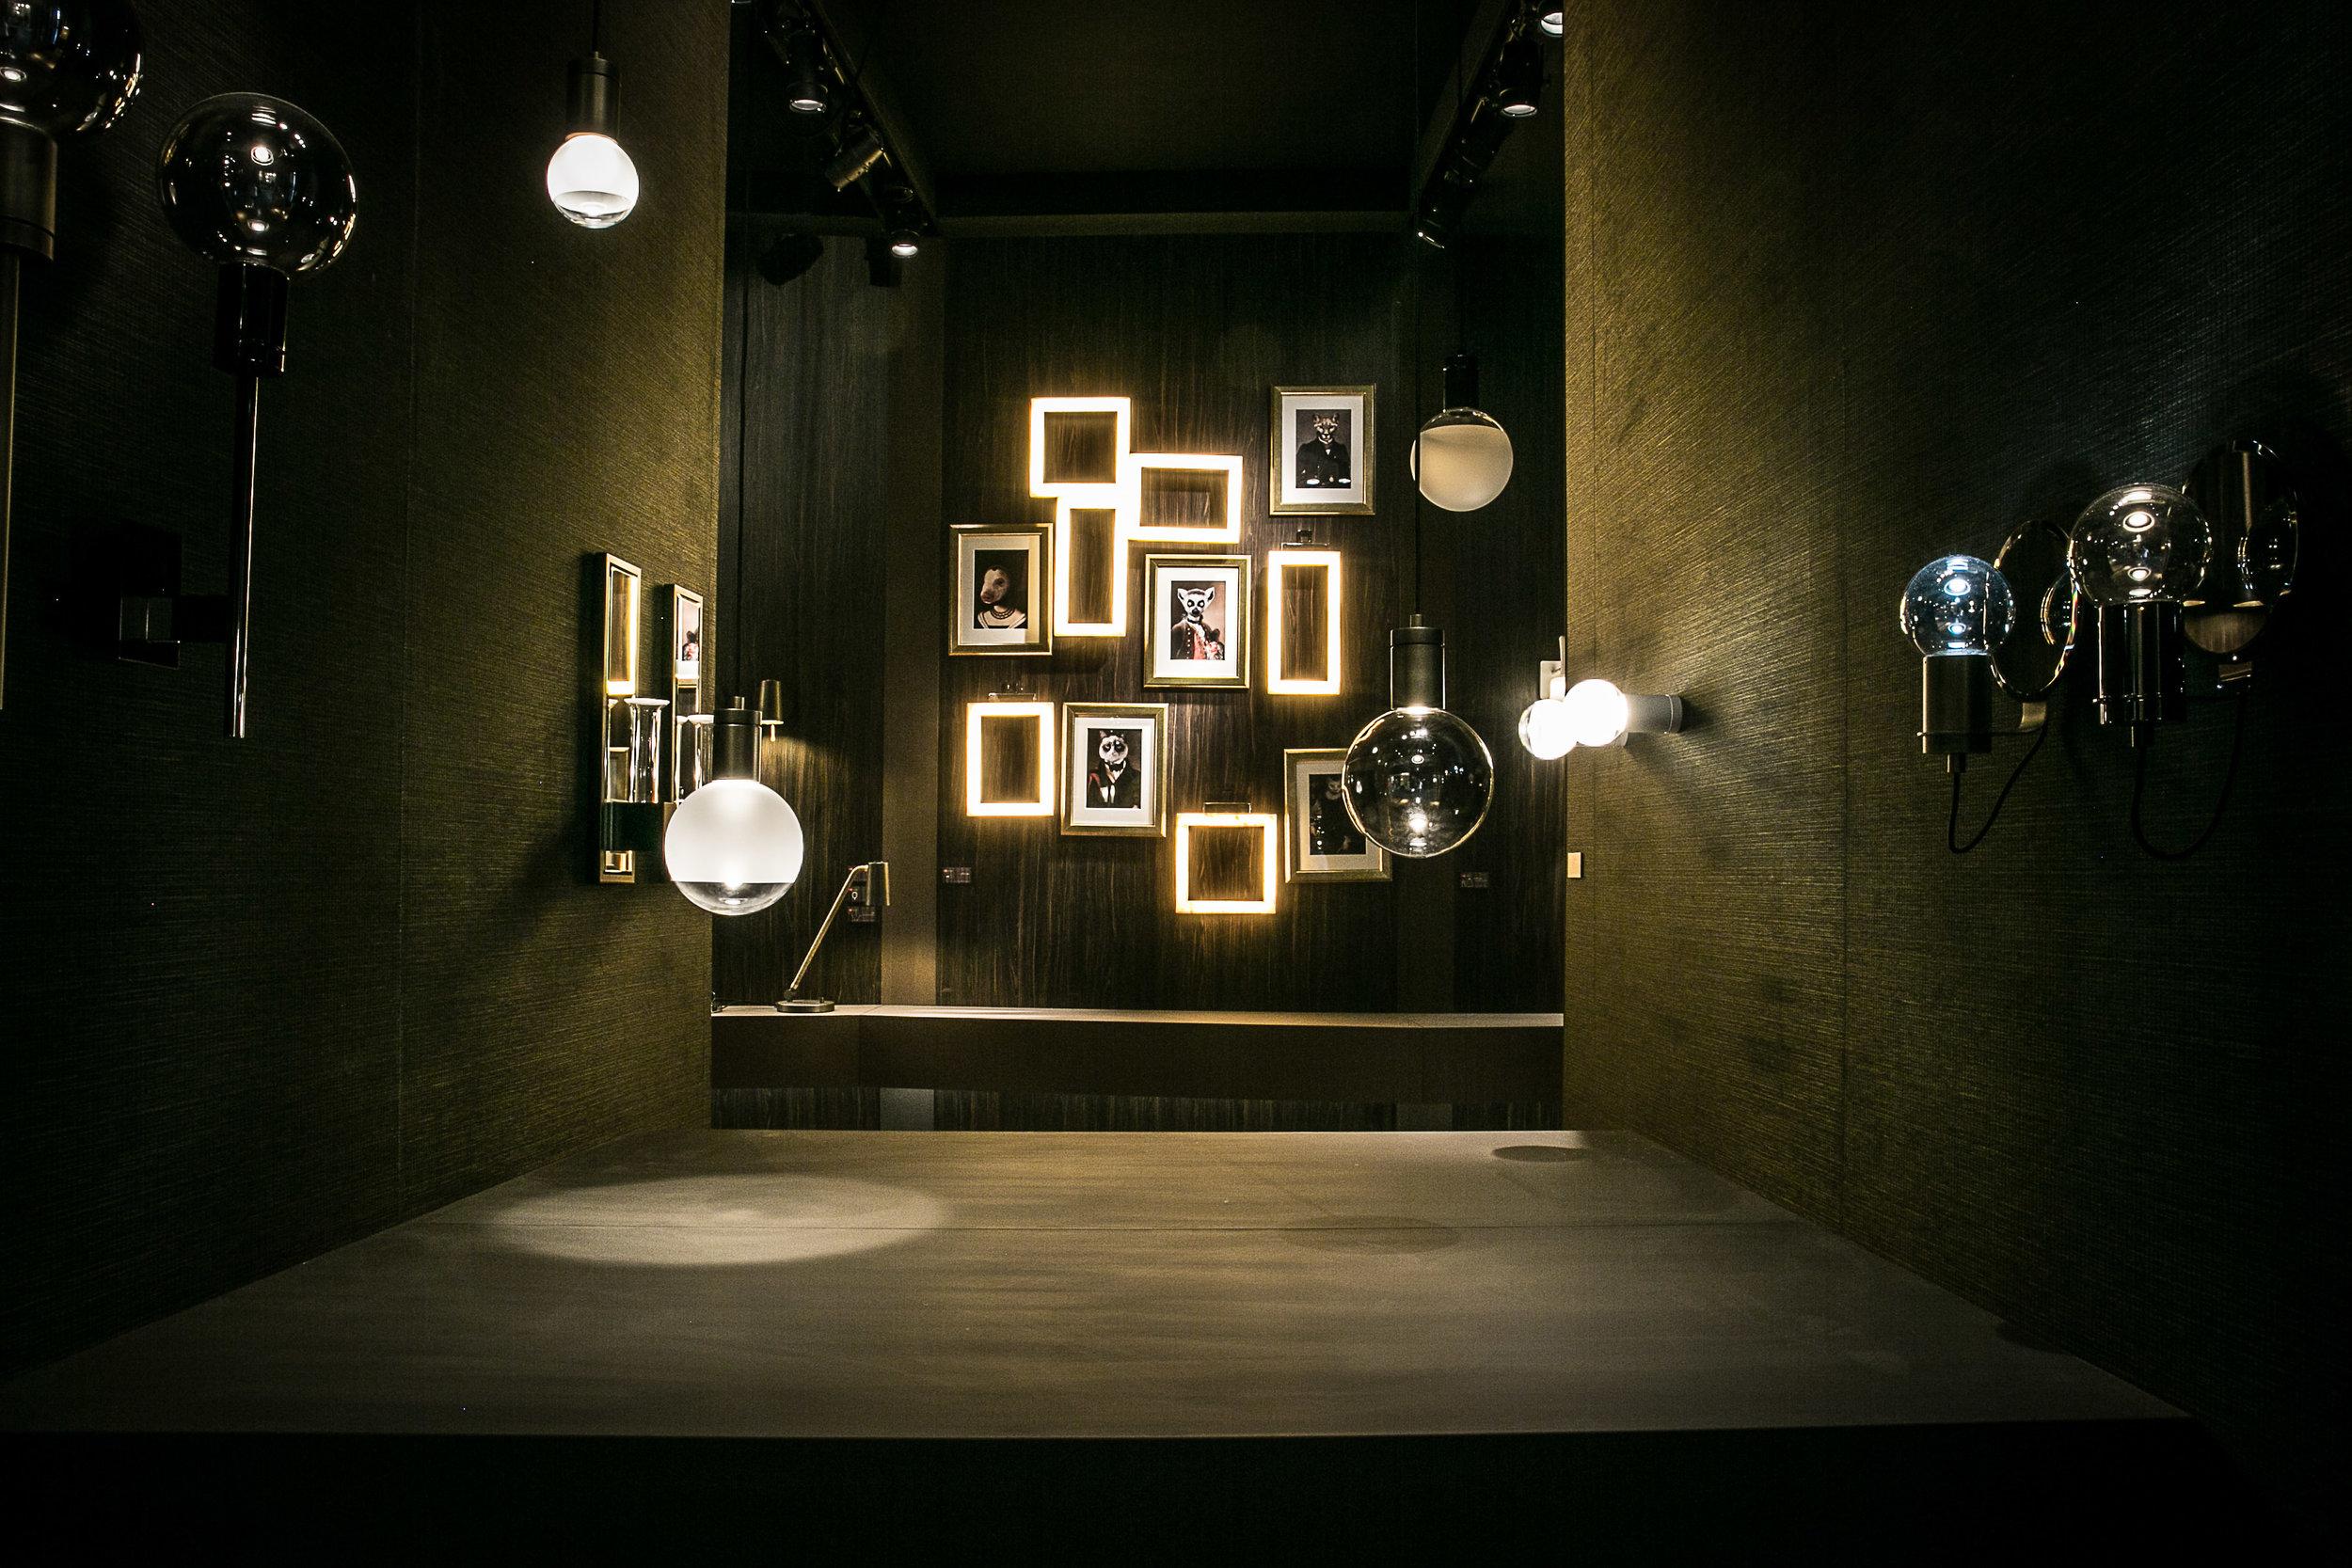 SOLITARIO Sistem di lampade archidecorativo disegnata da Marcello Colli e Maurizio Di Mauro per Contardi Lighting